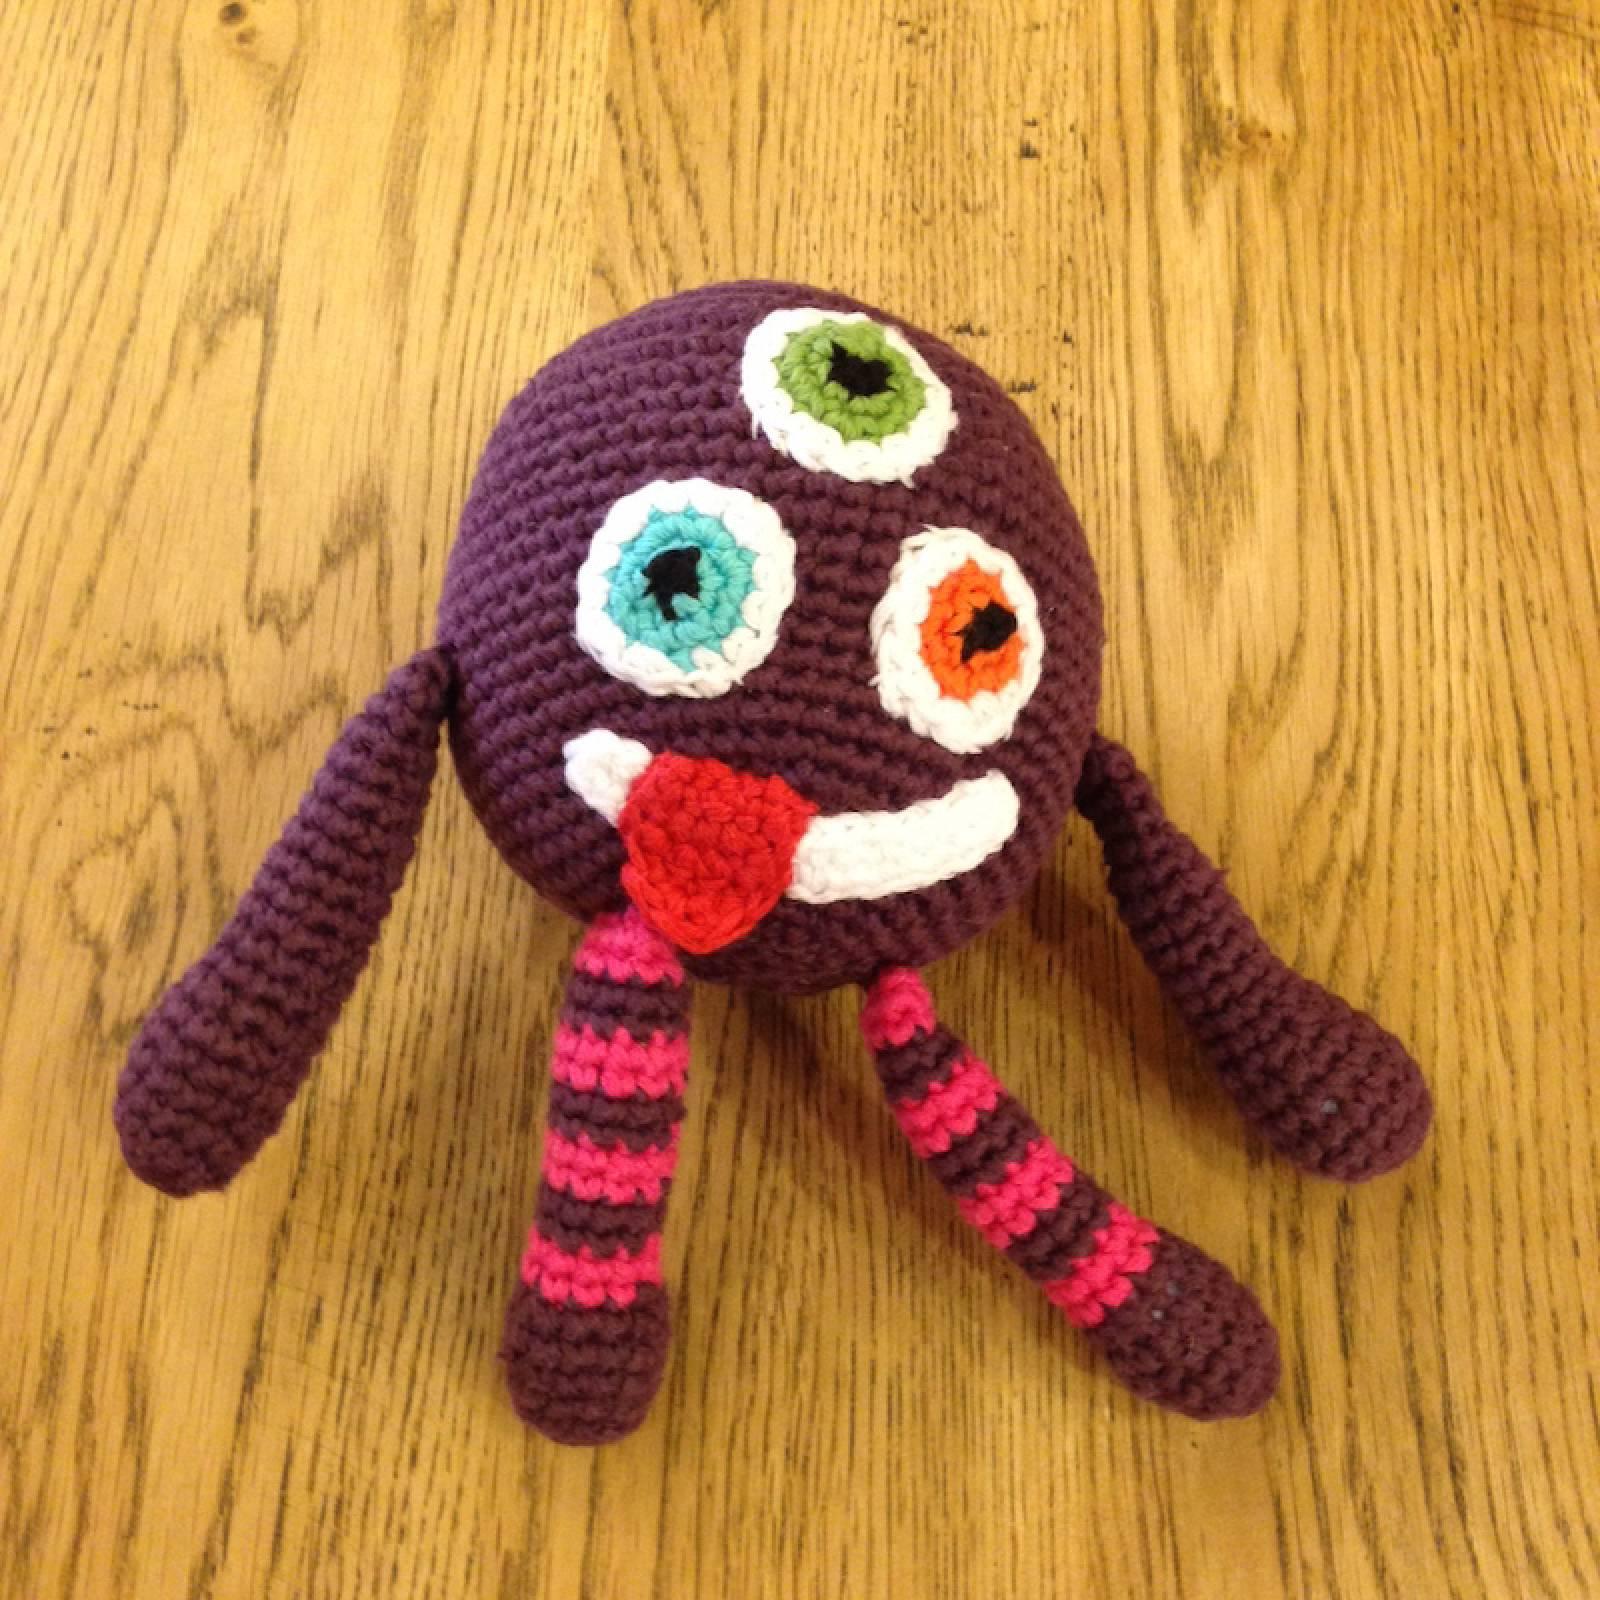 Purple Crochet Monster Handmade Soft Toy thumbnails